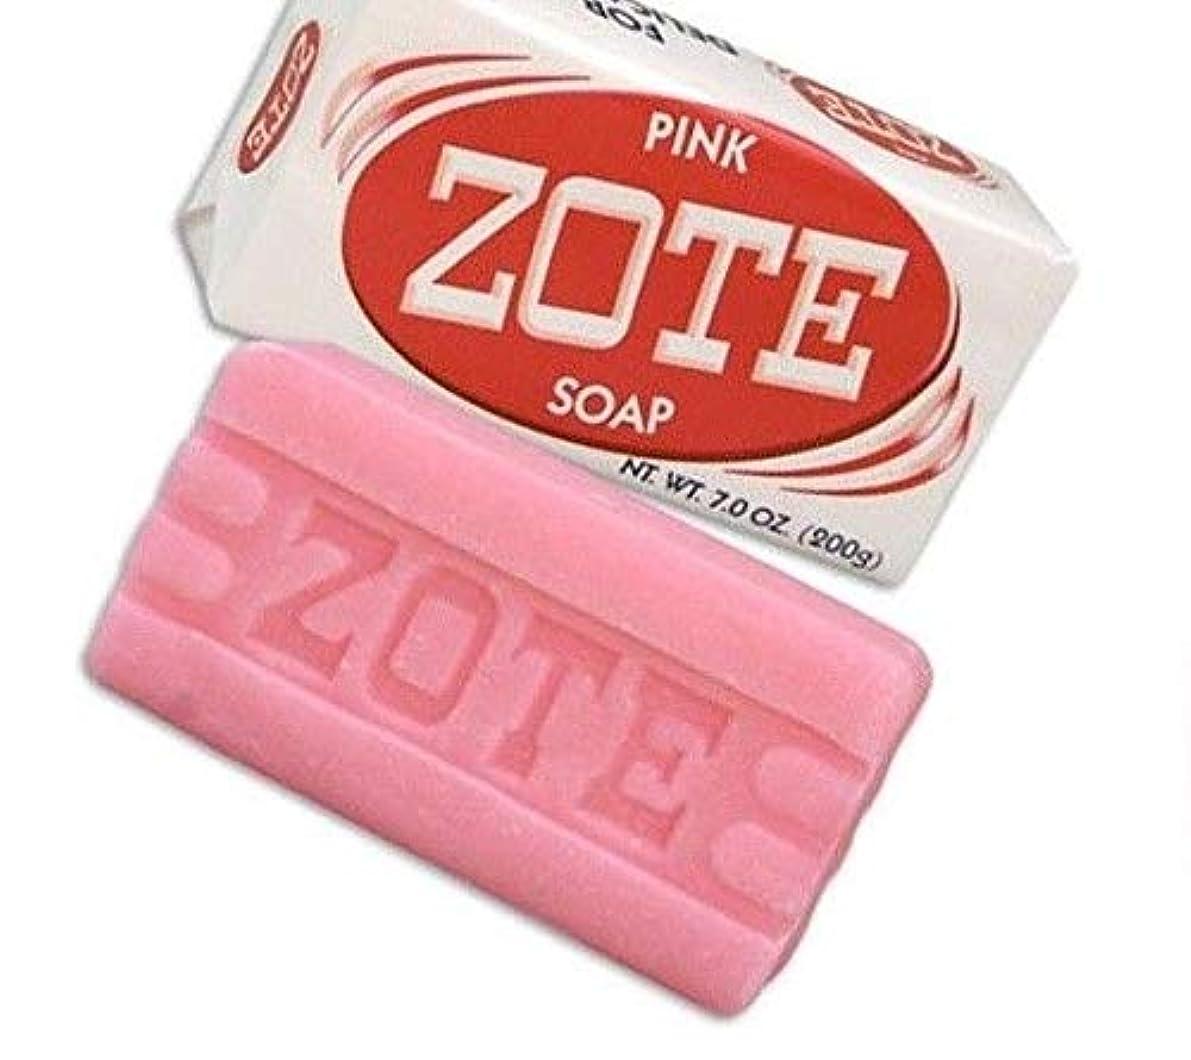 謝罪する発信素晴らしいですZote Laundry Soap Bar - Pink 7oz by Zote [並行輸入品]